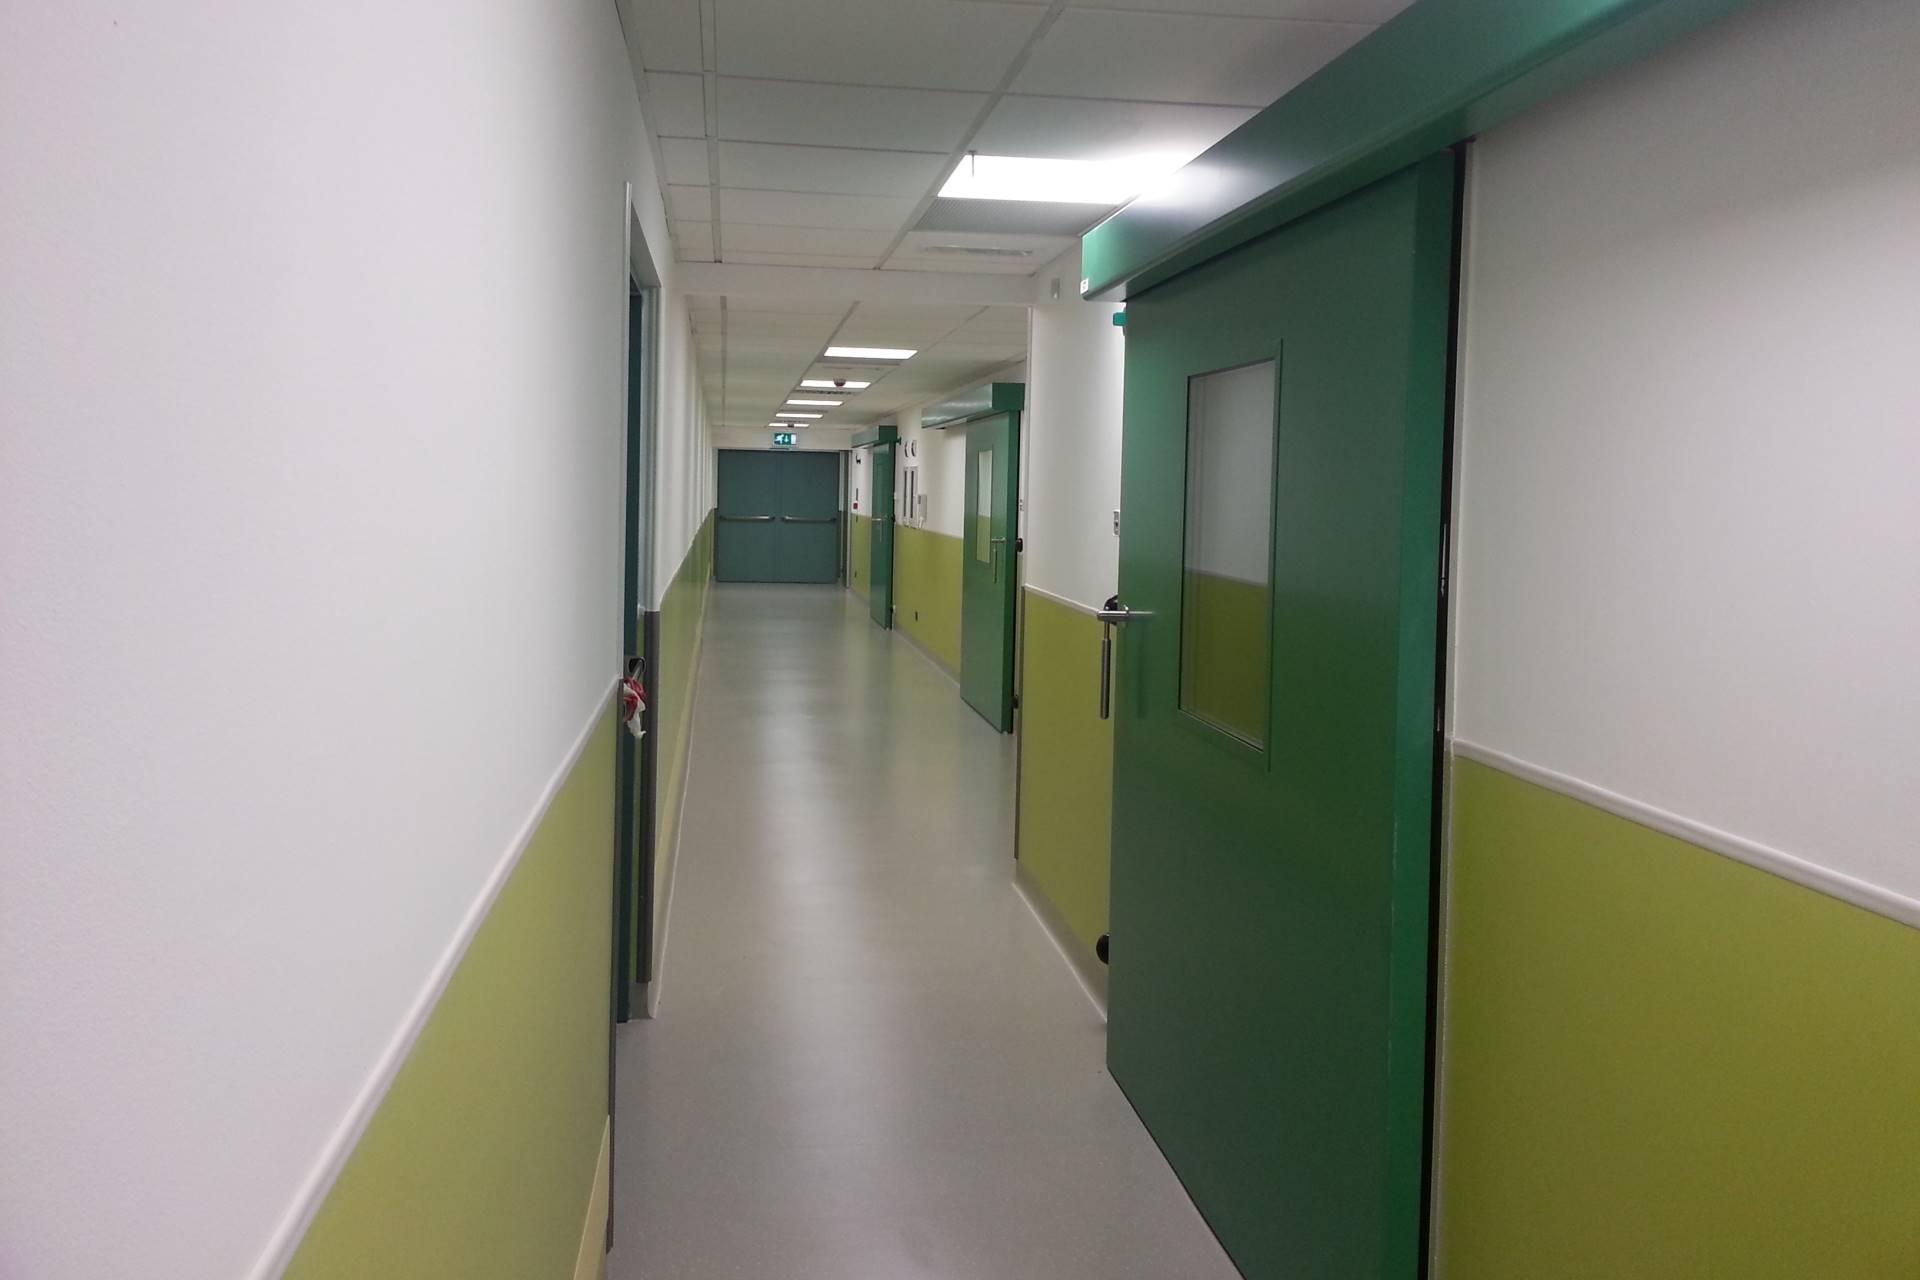 https://www.mit-impianti.it/wp-content/uploads/2021/06/ospedale_ivrea_5.jpg